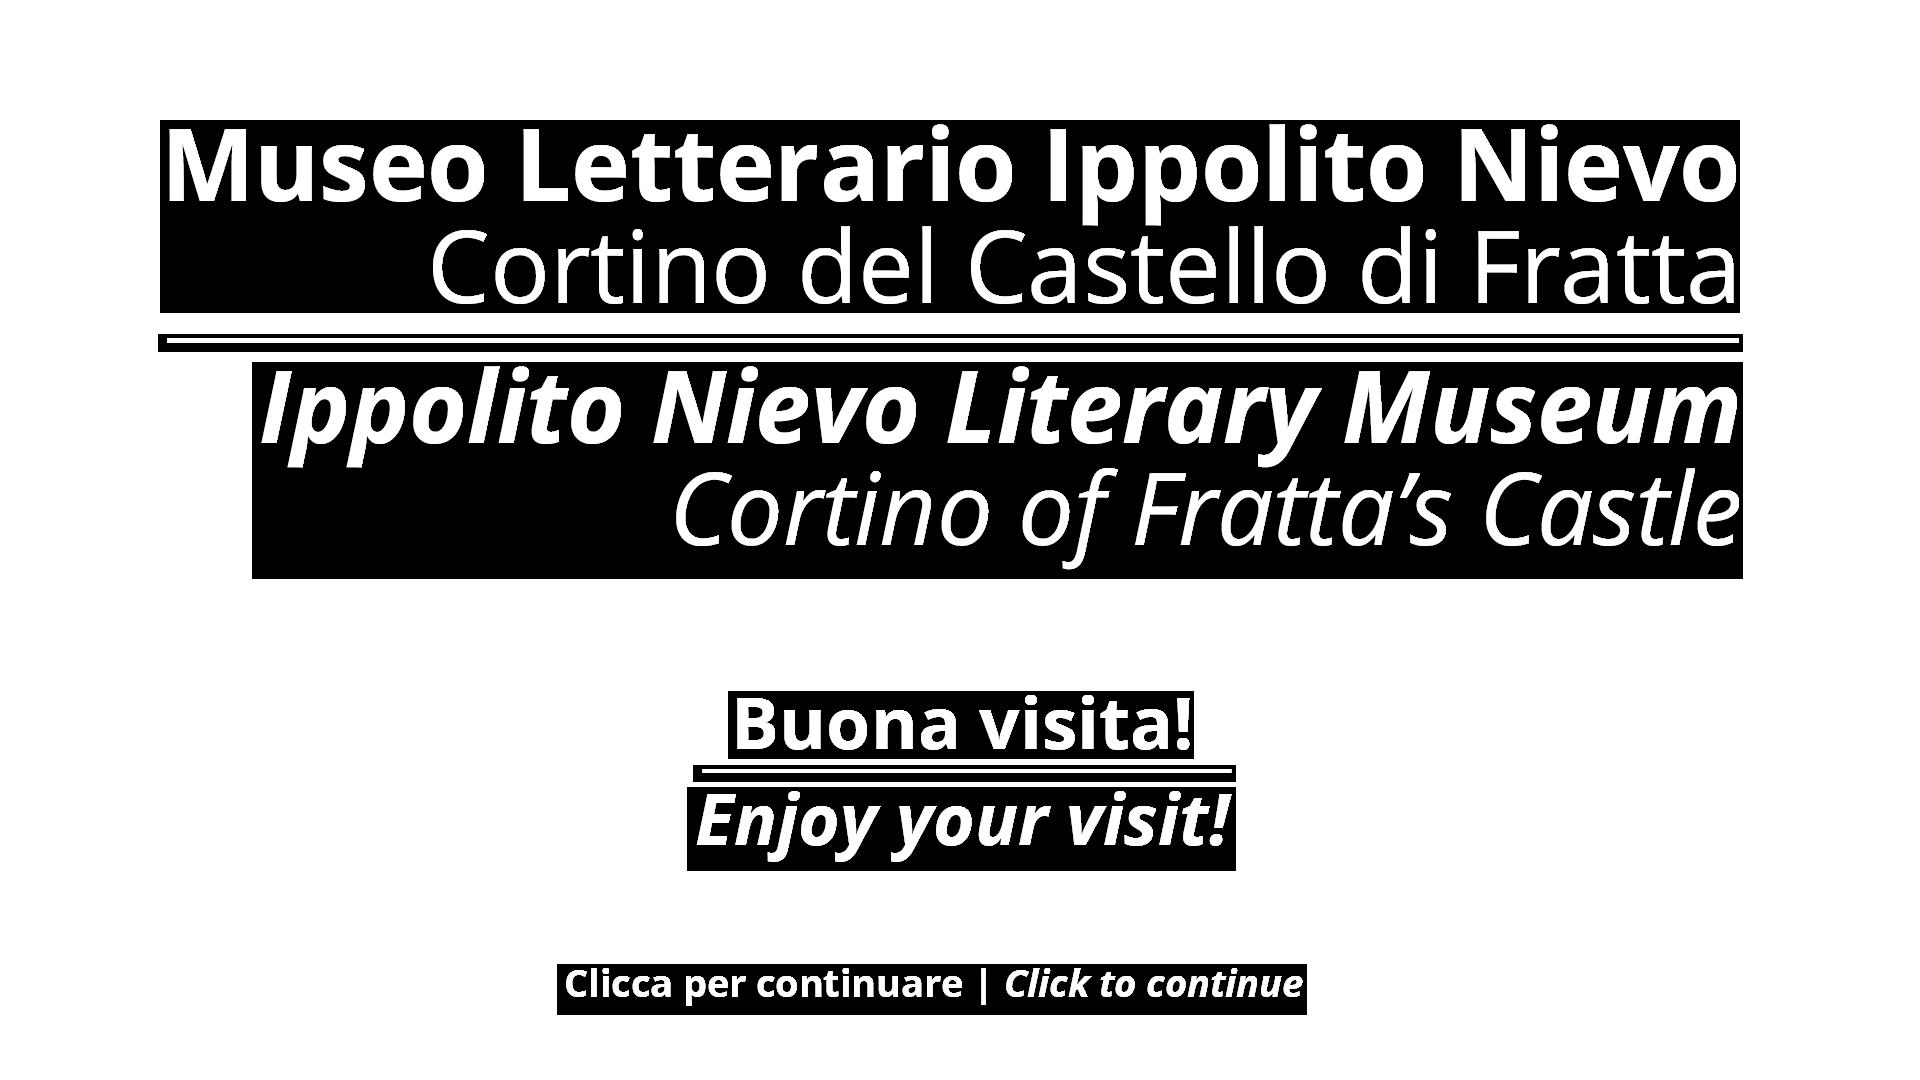 Benvenuti al museo letterario Ippolito Nievo | Wellcome to the Ippolito Nievo Literary Museum